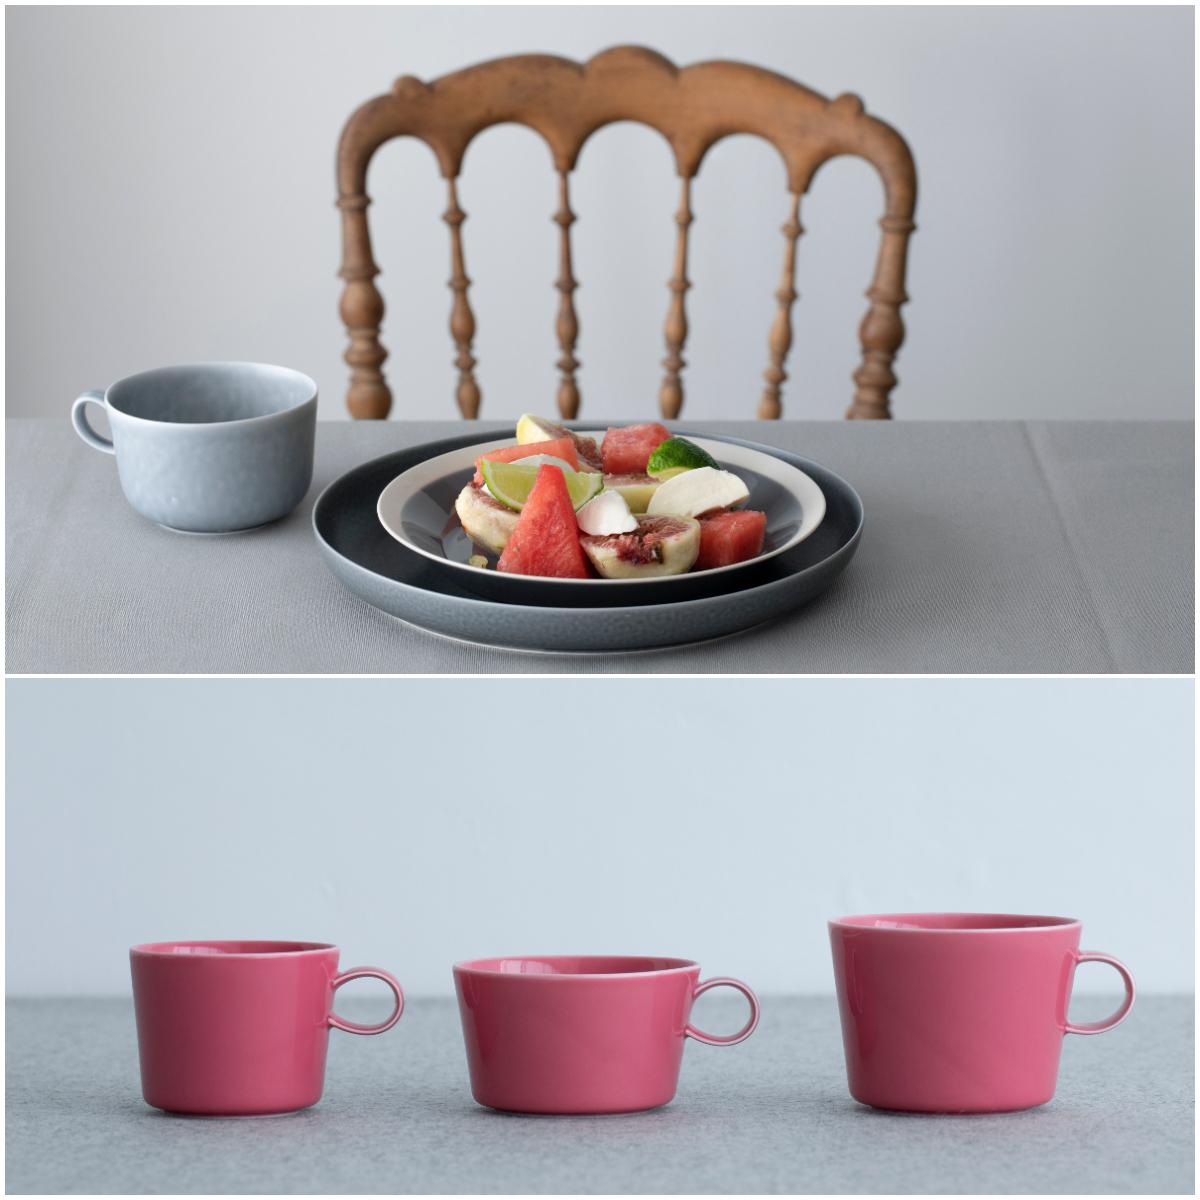 【~4/20まで】金沢初「yumiko iihoshi porcelain」ポップアップショップ。